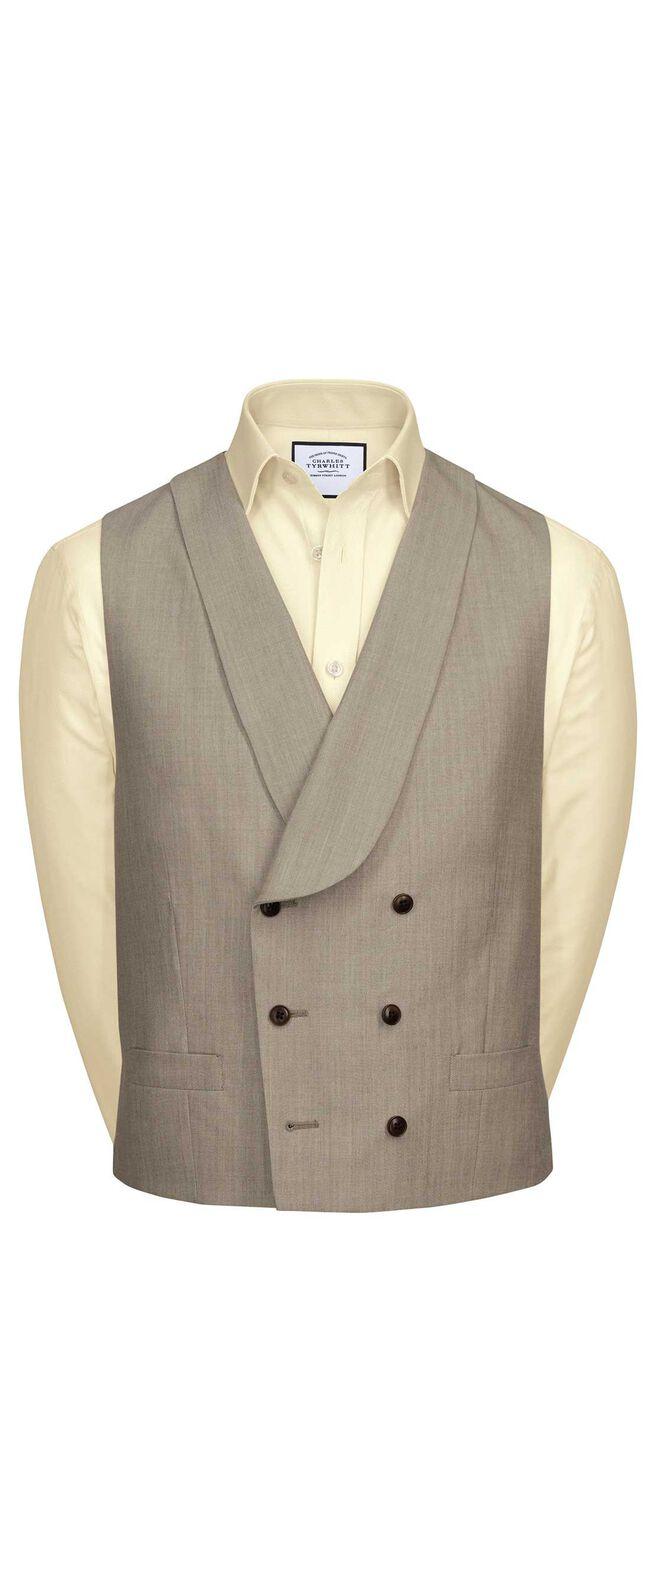 Natural Panama classic fit British suit